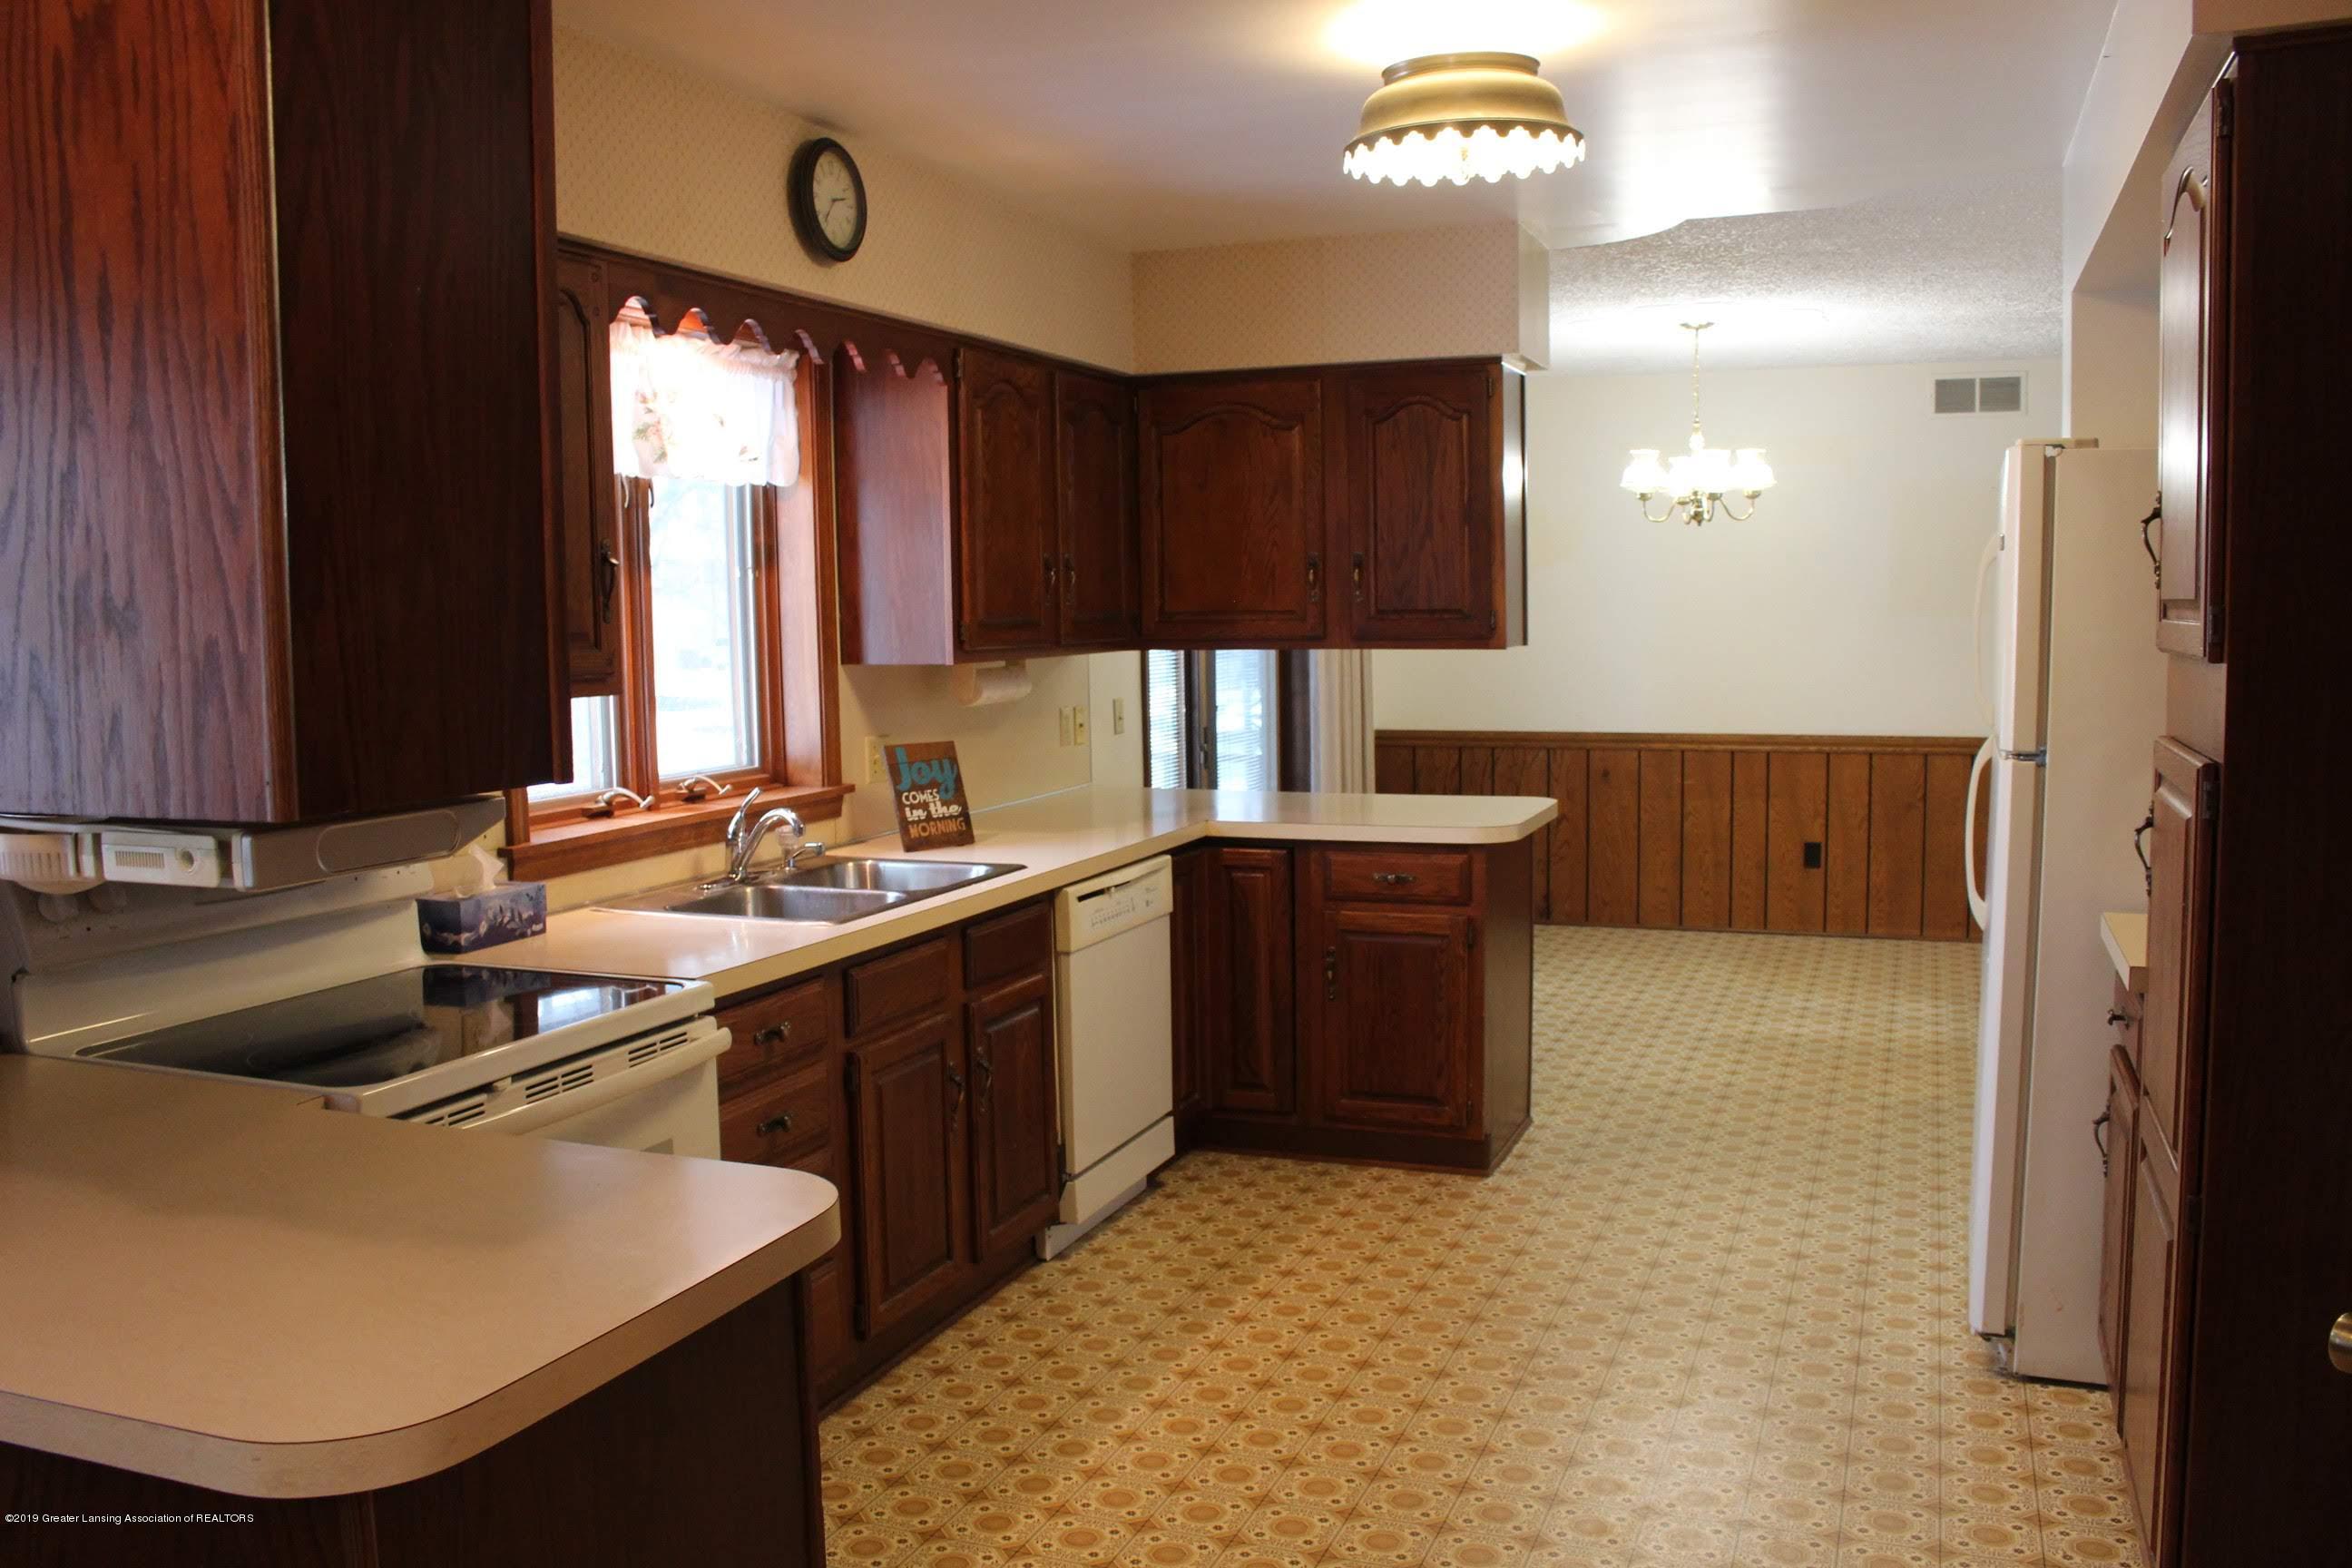 436 N Maple St - Kitchen - 3